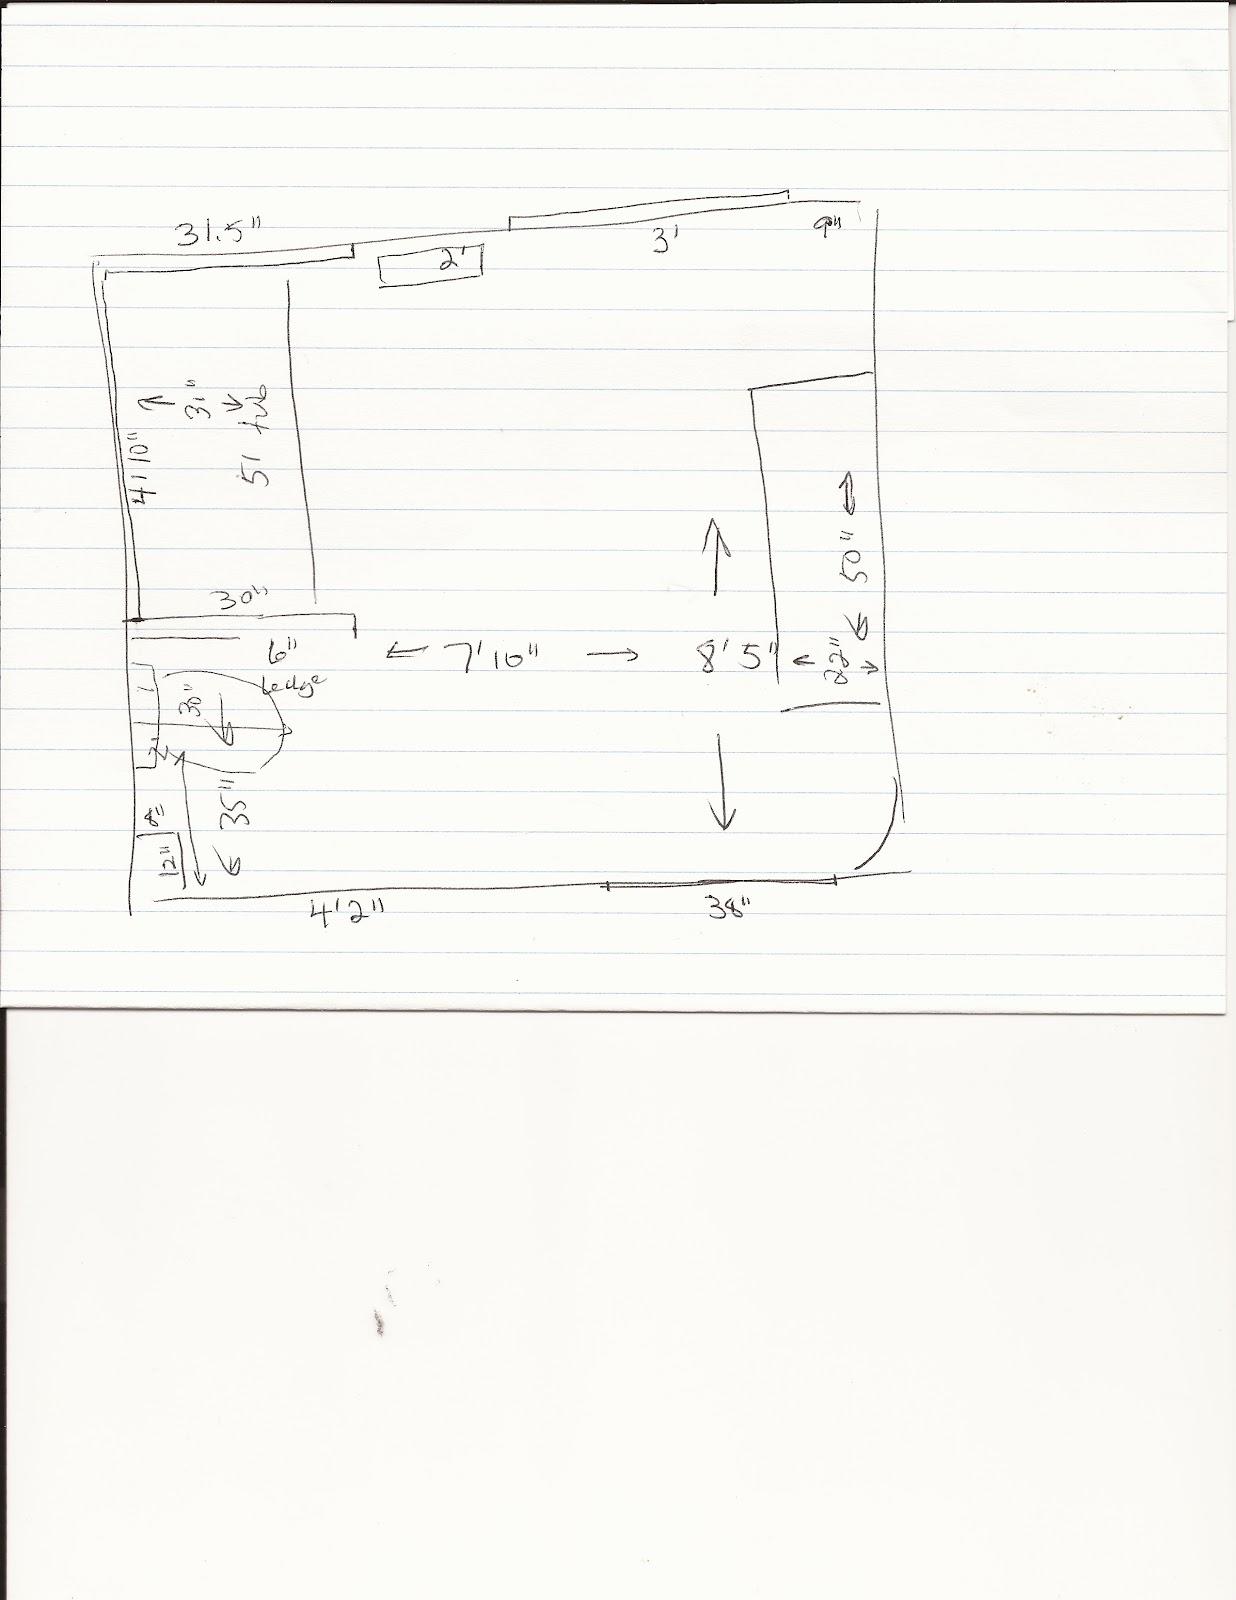 life at pugsley  design design design  bathroom renovation